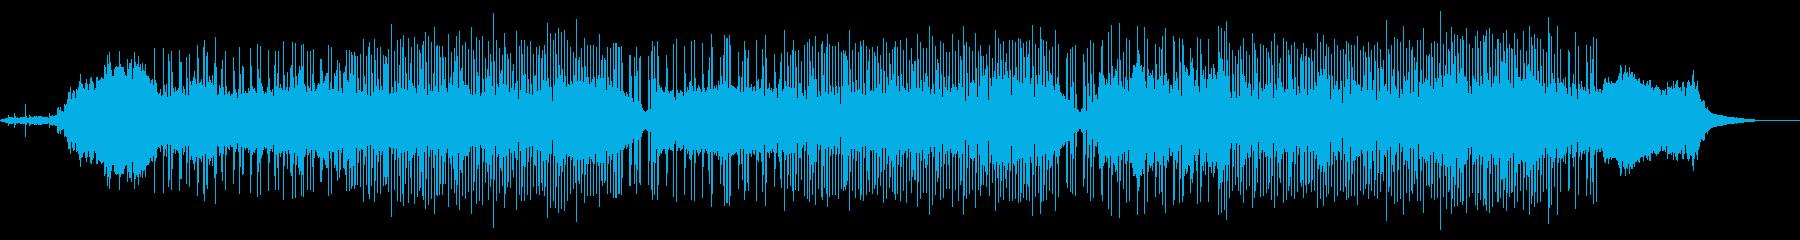 ブルージーなハーモニカと「モンスタ...の再生済みの波形